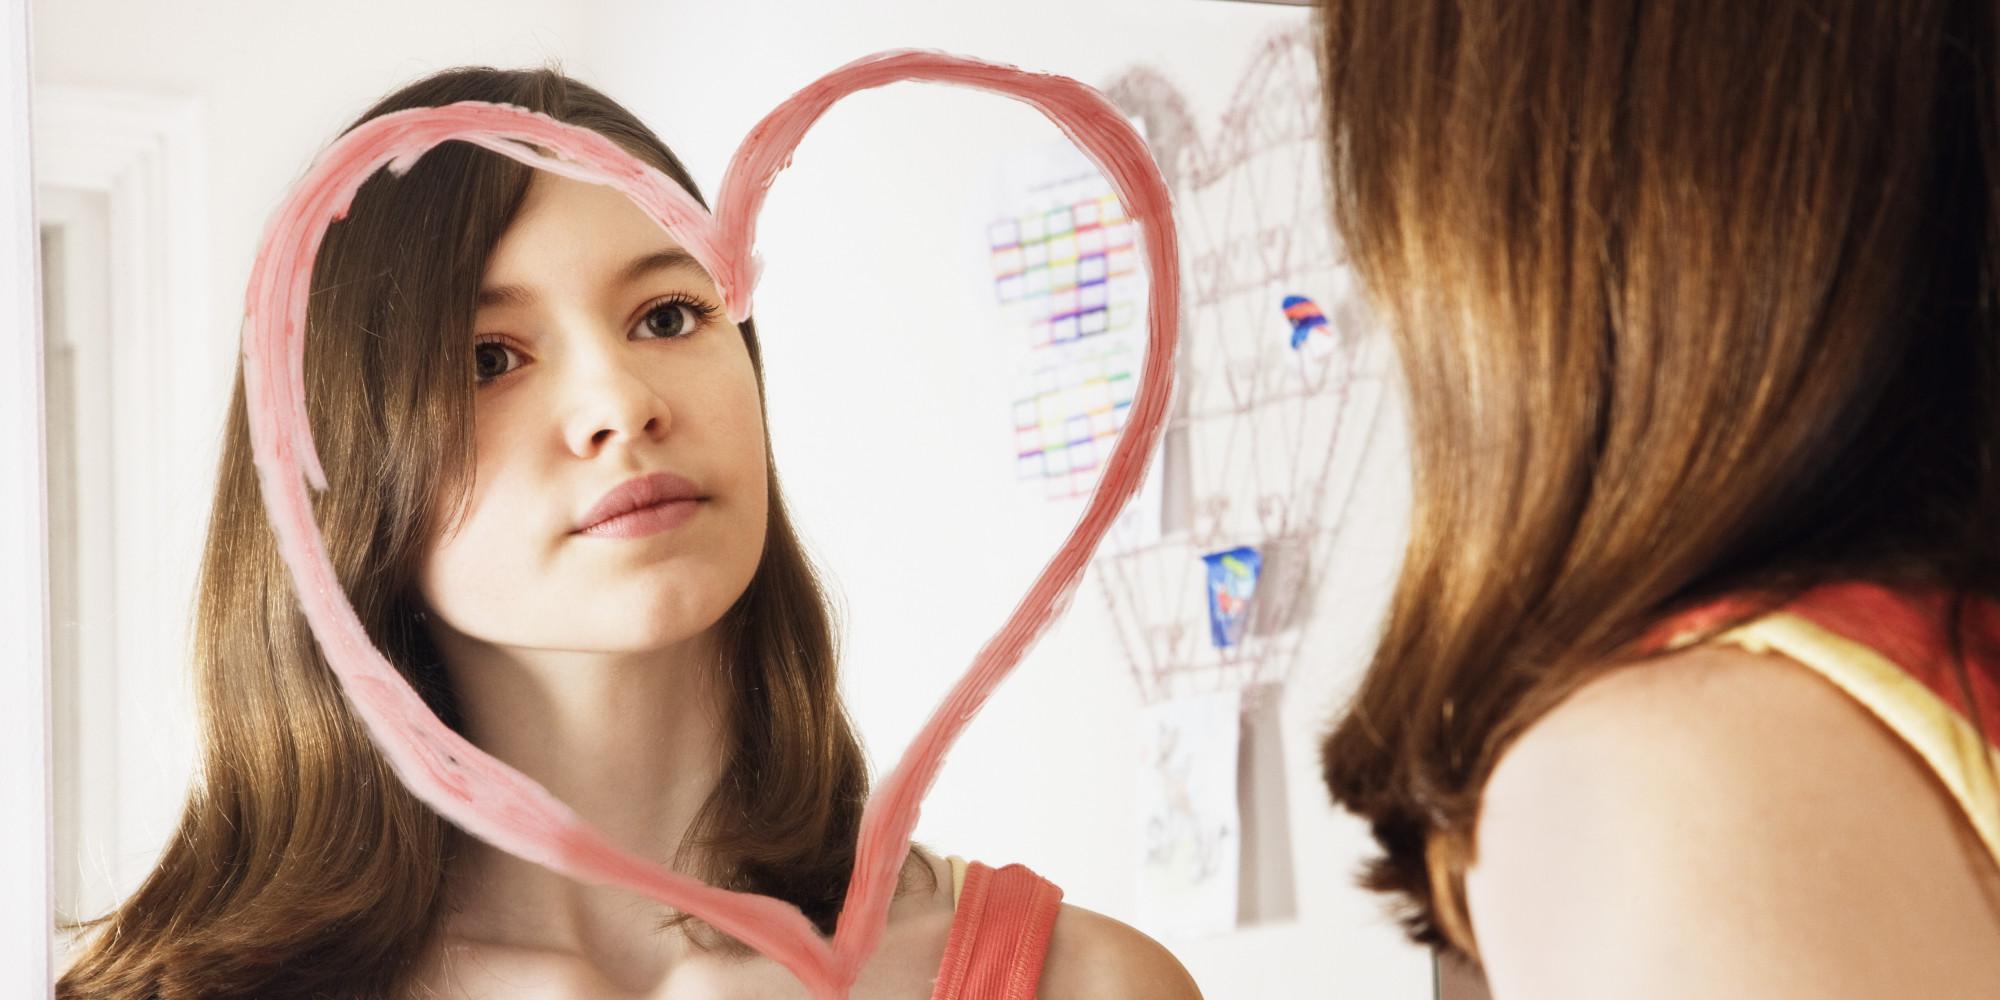 Rüyada Aynada Kendine Bakmak ve Konuşmak